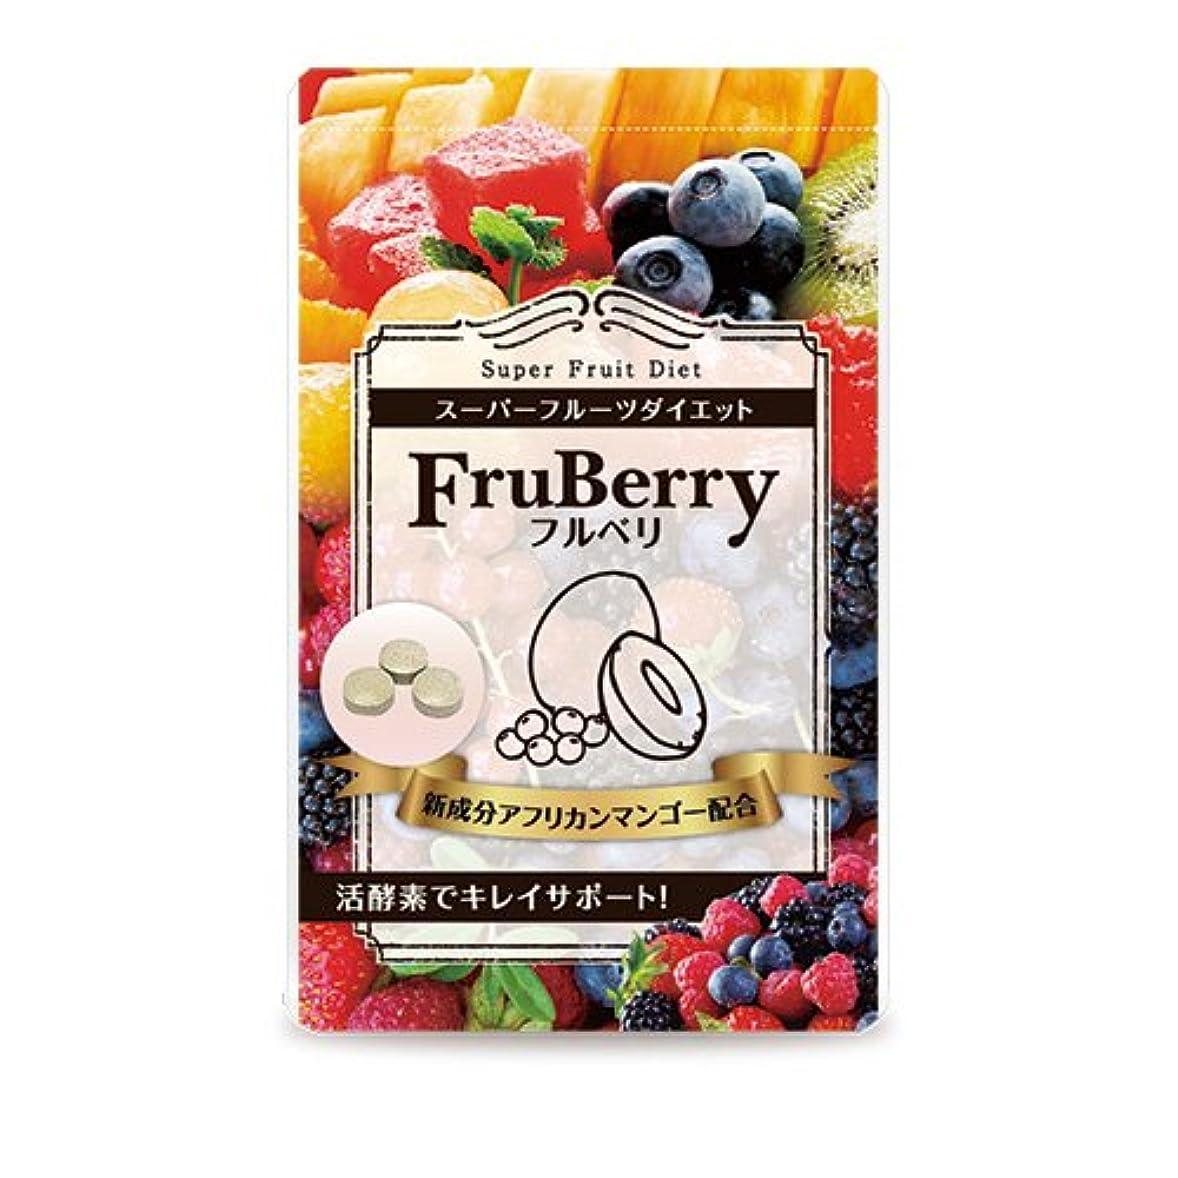 絶縁する取得グリップフルベリ 5袋セット 約150日分 FruBerry アフリカンマンゴー ベリー類 乳酸菌のサプリ